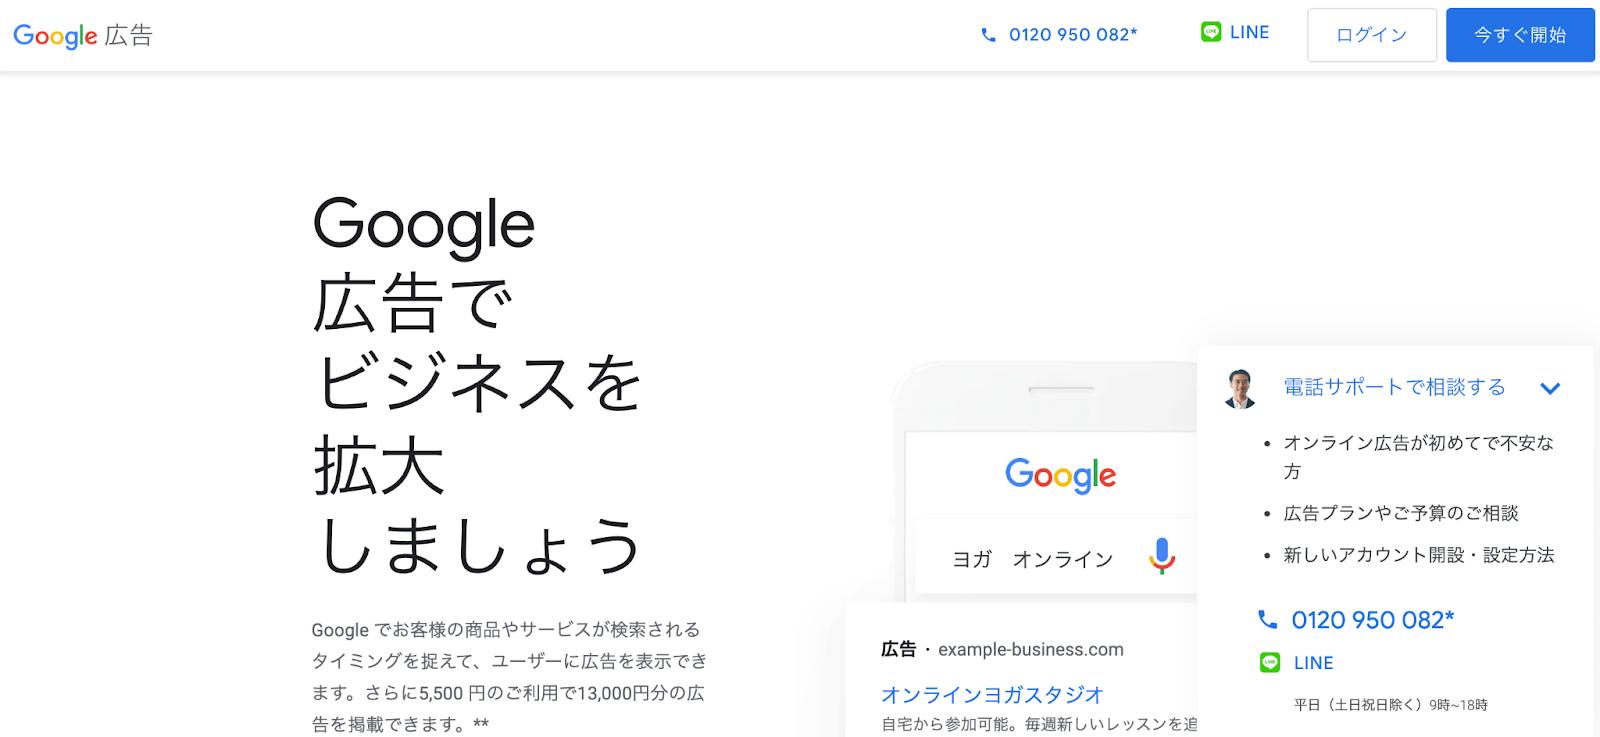 Google 広告のトップページ